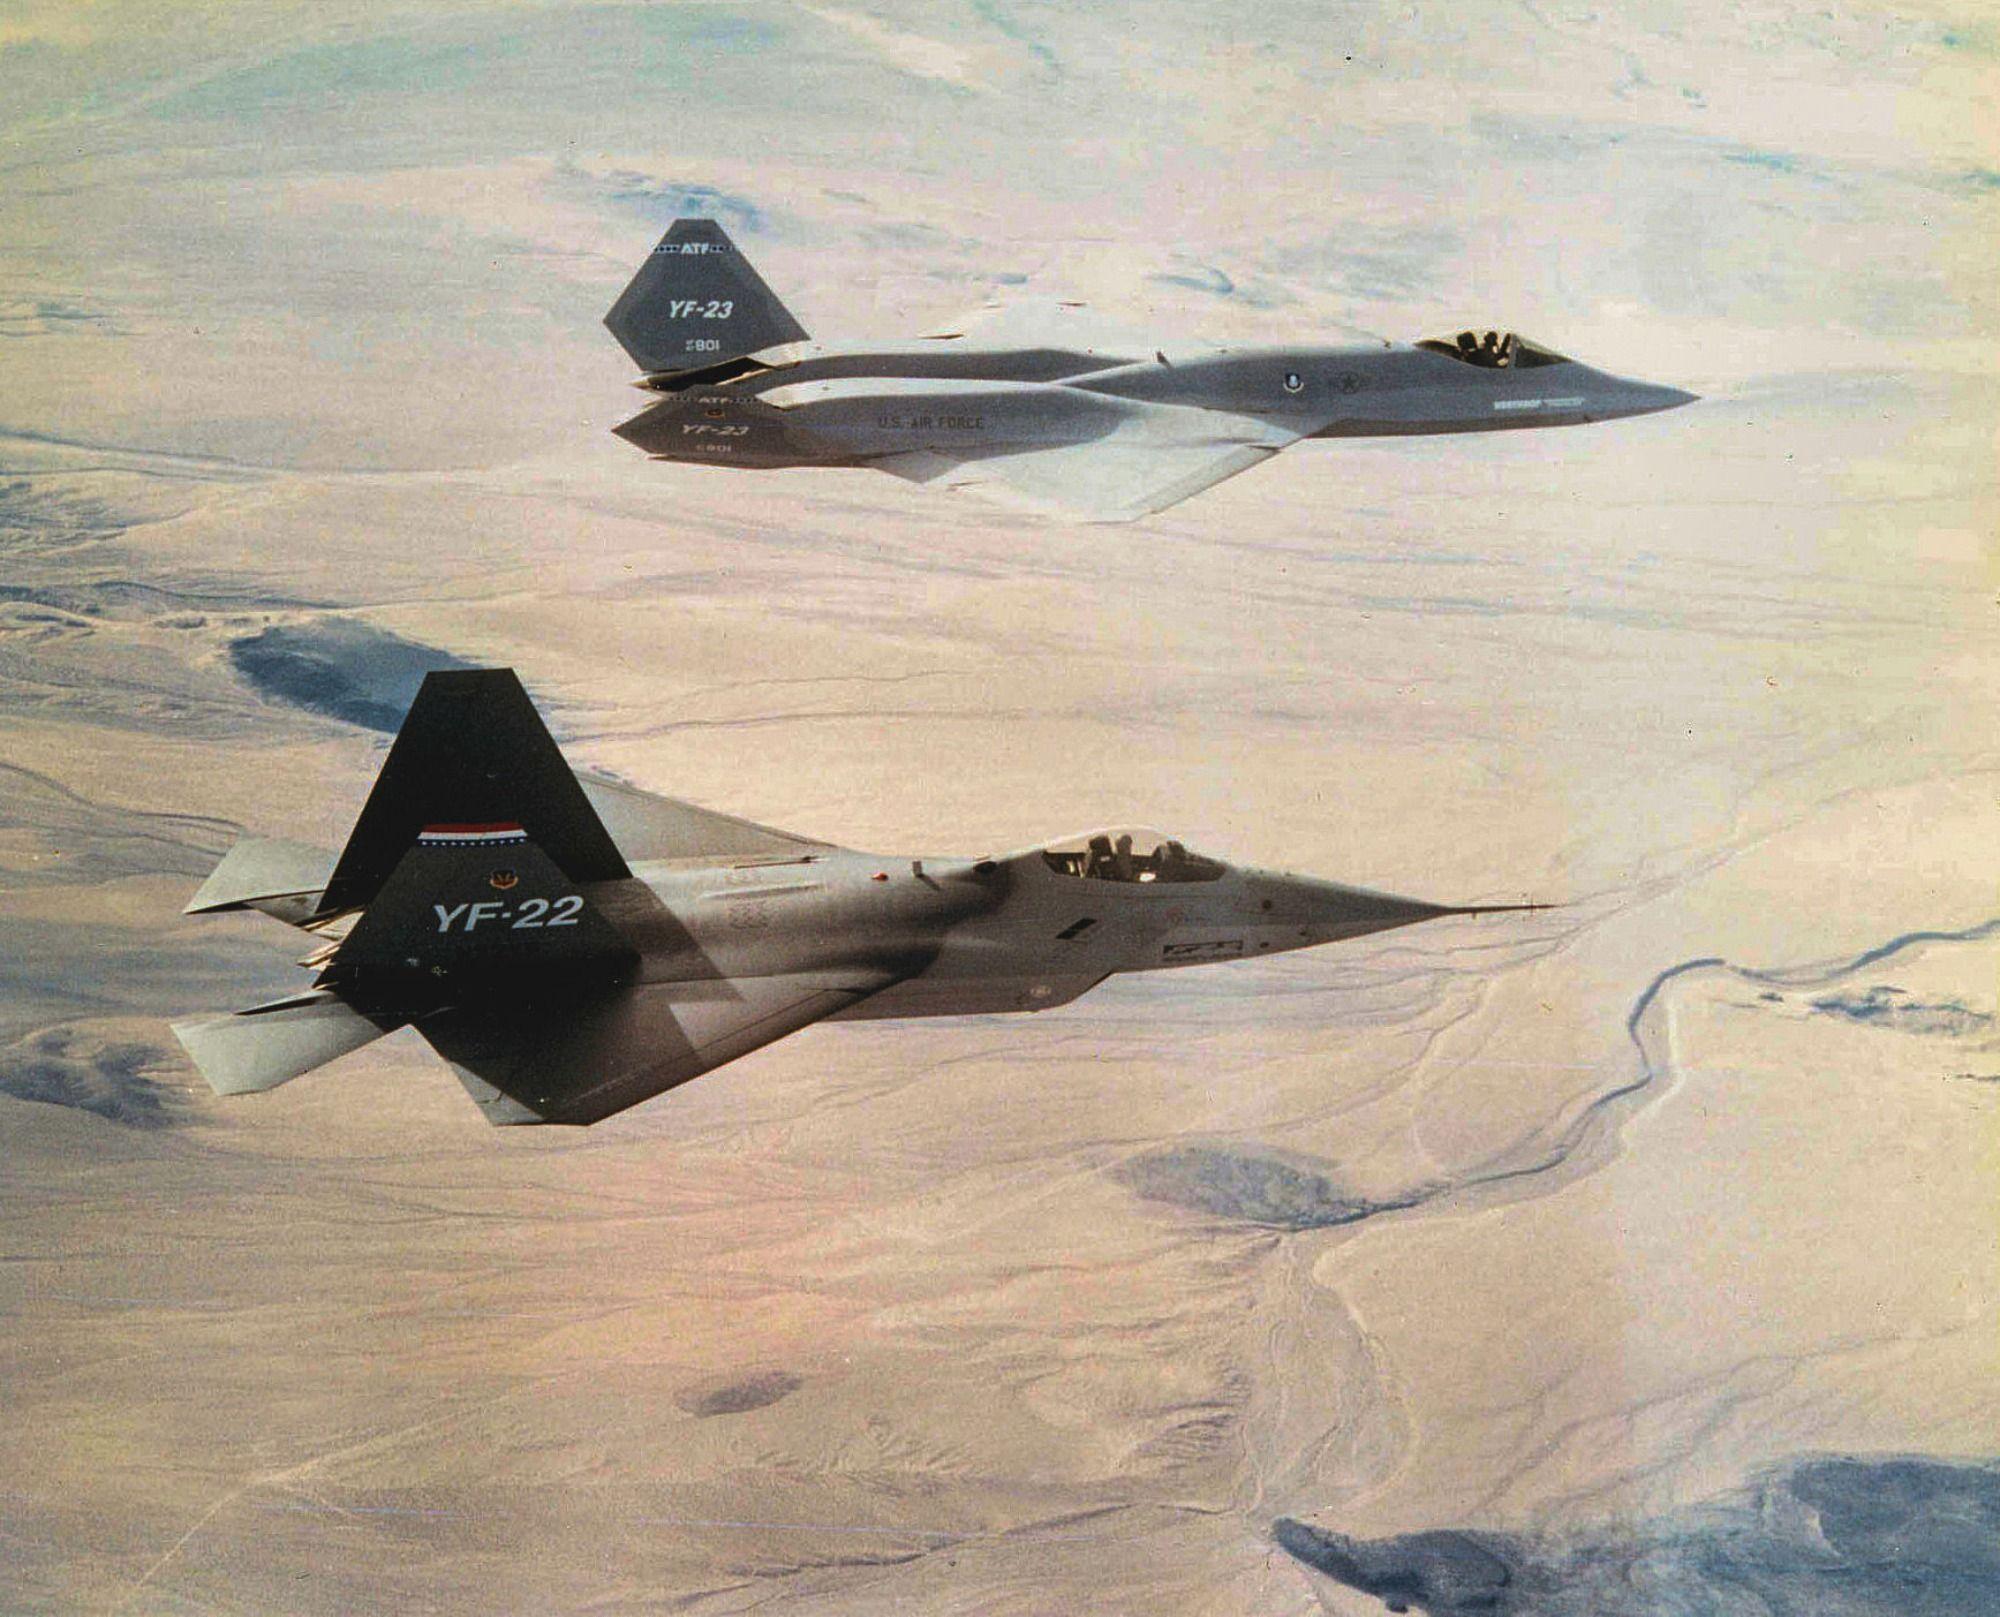 YF-22_and_YF-23 (1).jpg